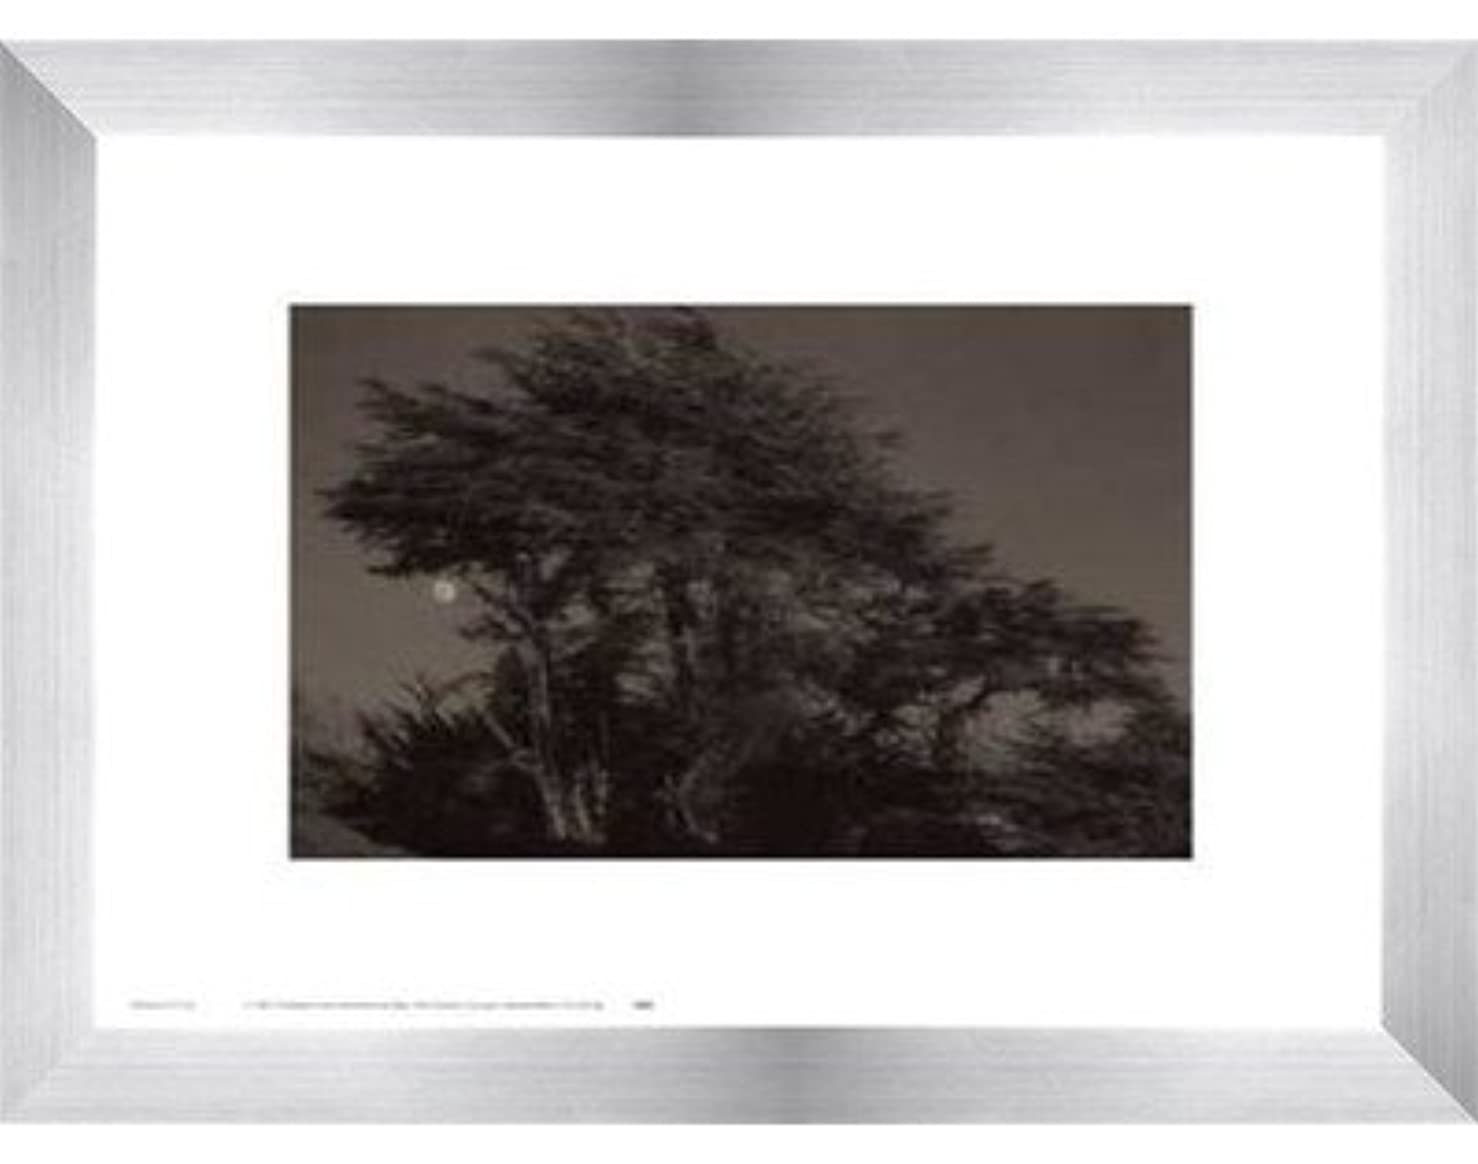 取るに足らない手を差し伸べるサイクルHarvest Moon by Paul Kozal – 14 x 11インチ – アートプリントポスター LE_61797-F9935-14x11